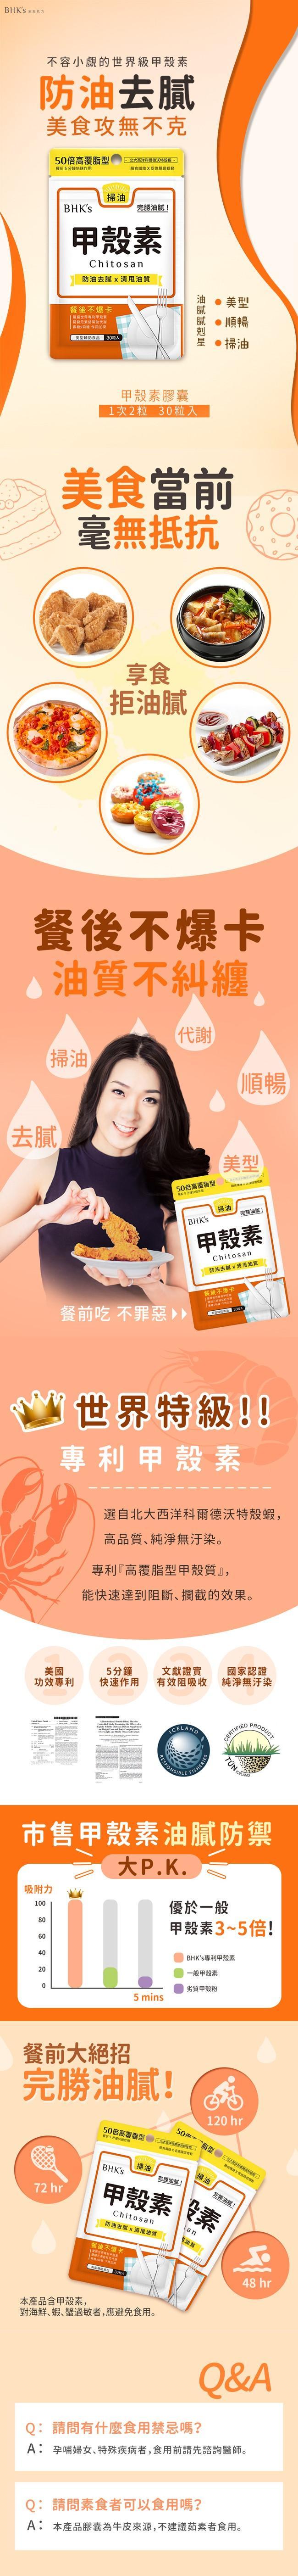 BHK's-甲殼素膠囊食品(30顆/袋)產品資訊